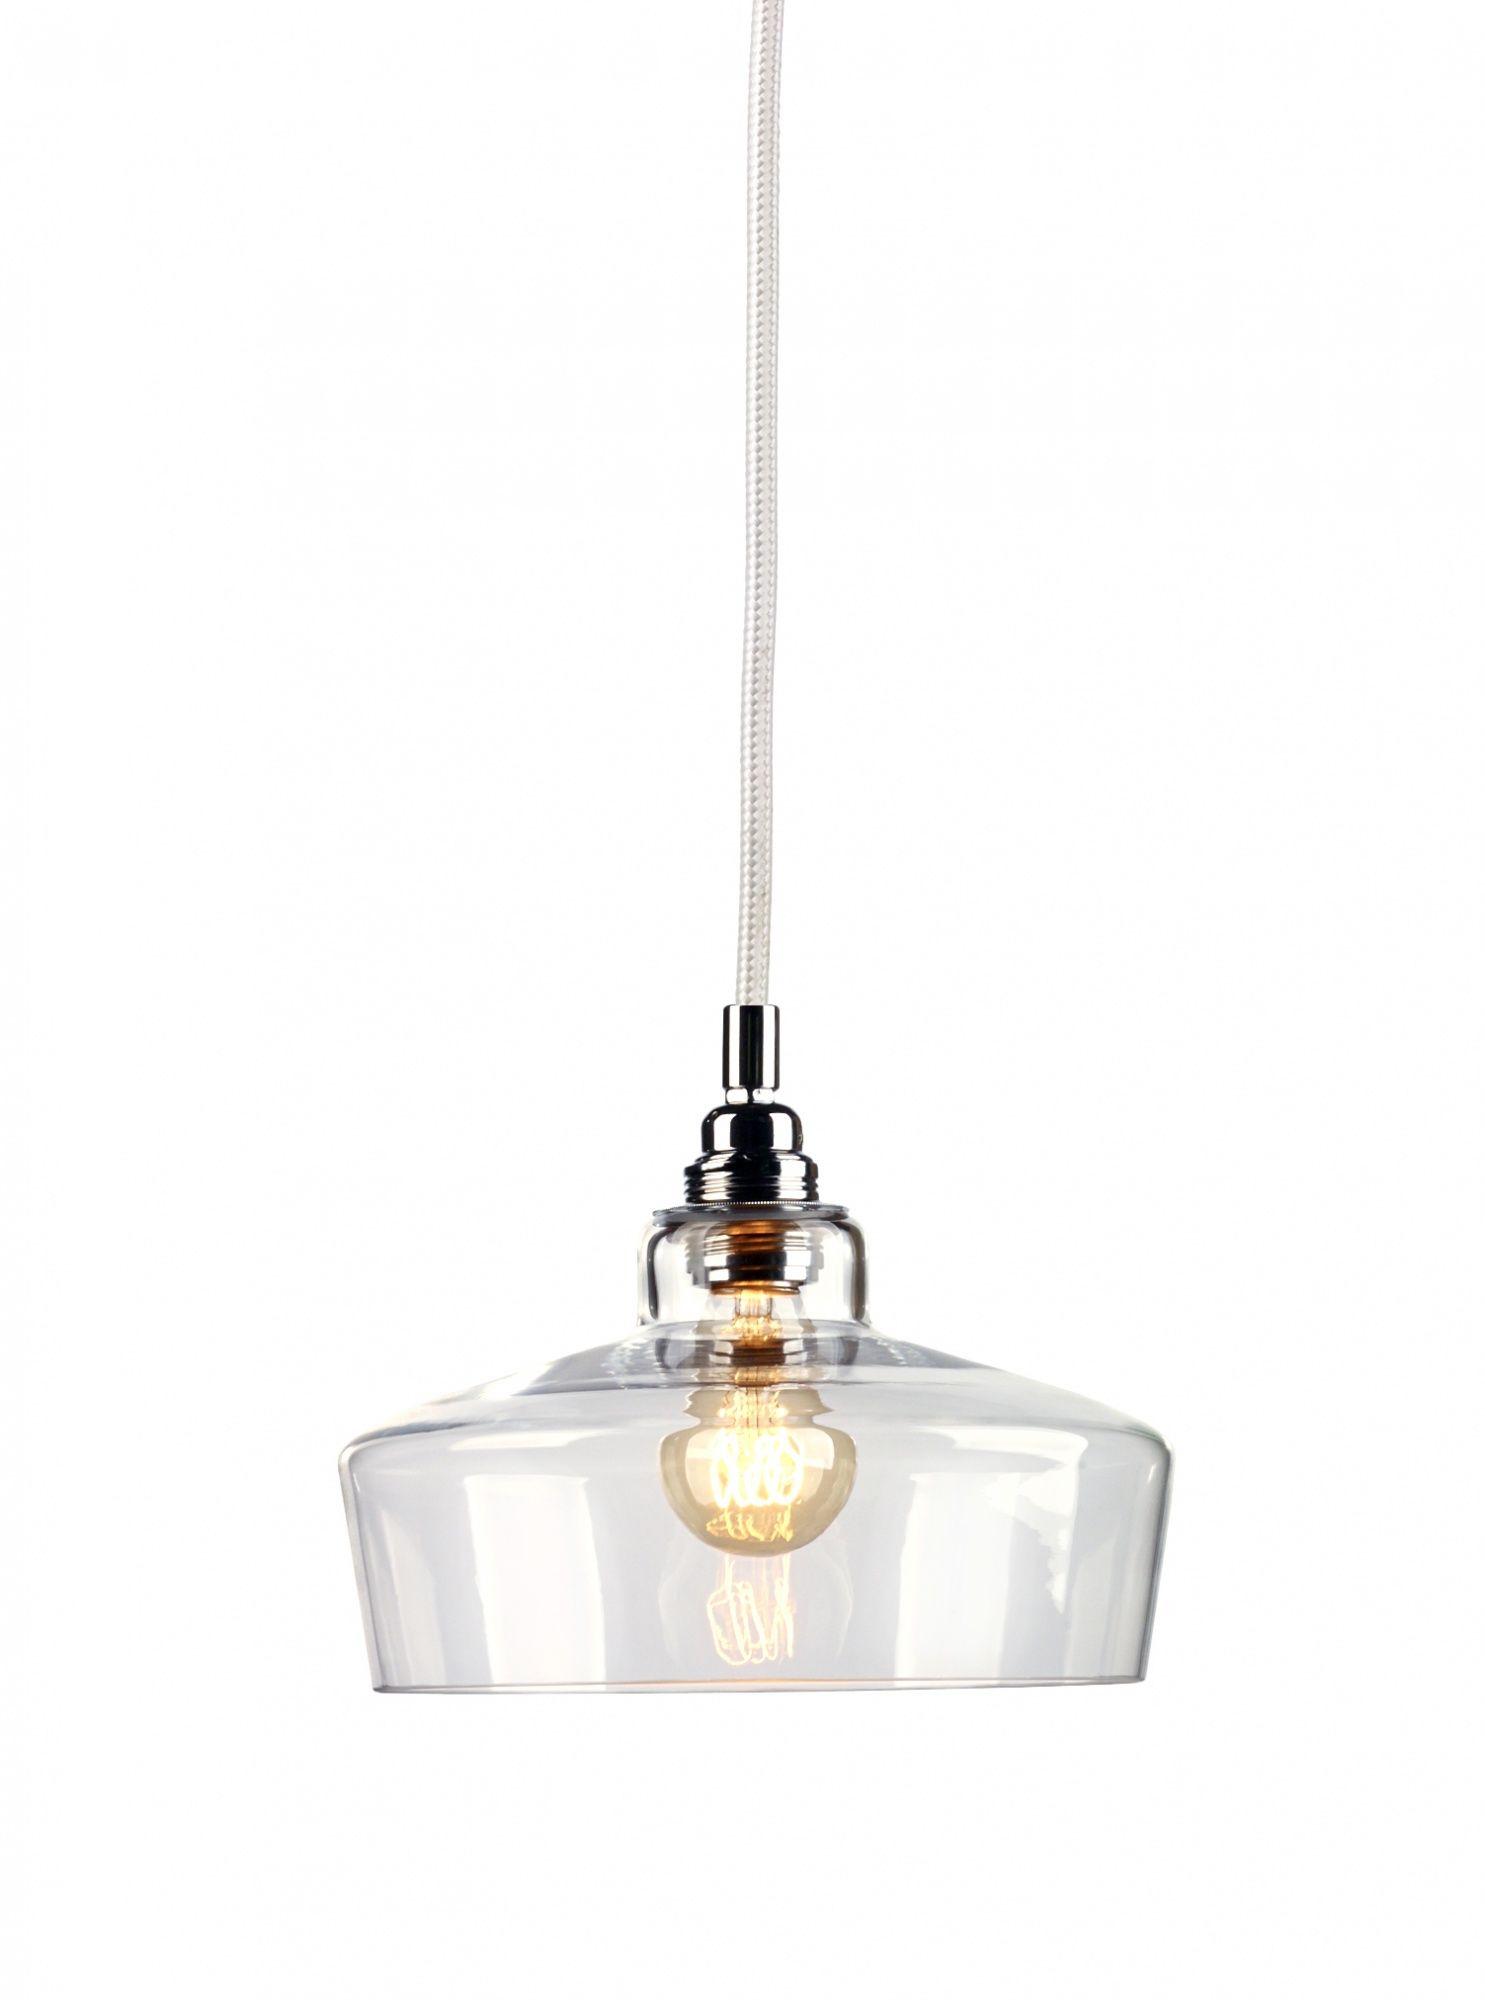 Lampa wisząca Longis III 10145109 oprawa przezroczysta / przewód biały Kaspa